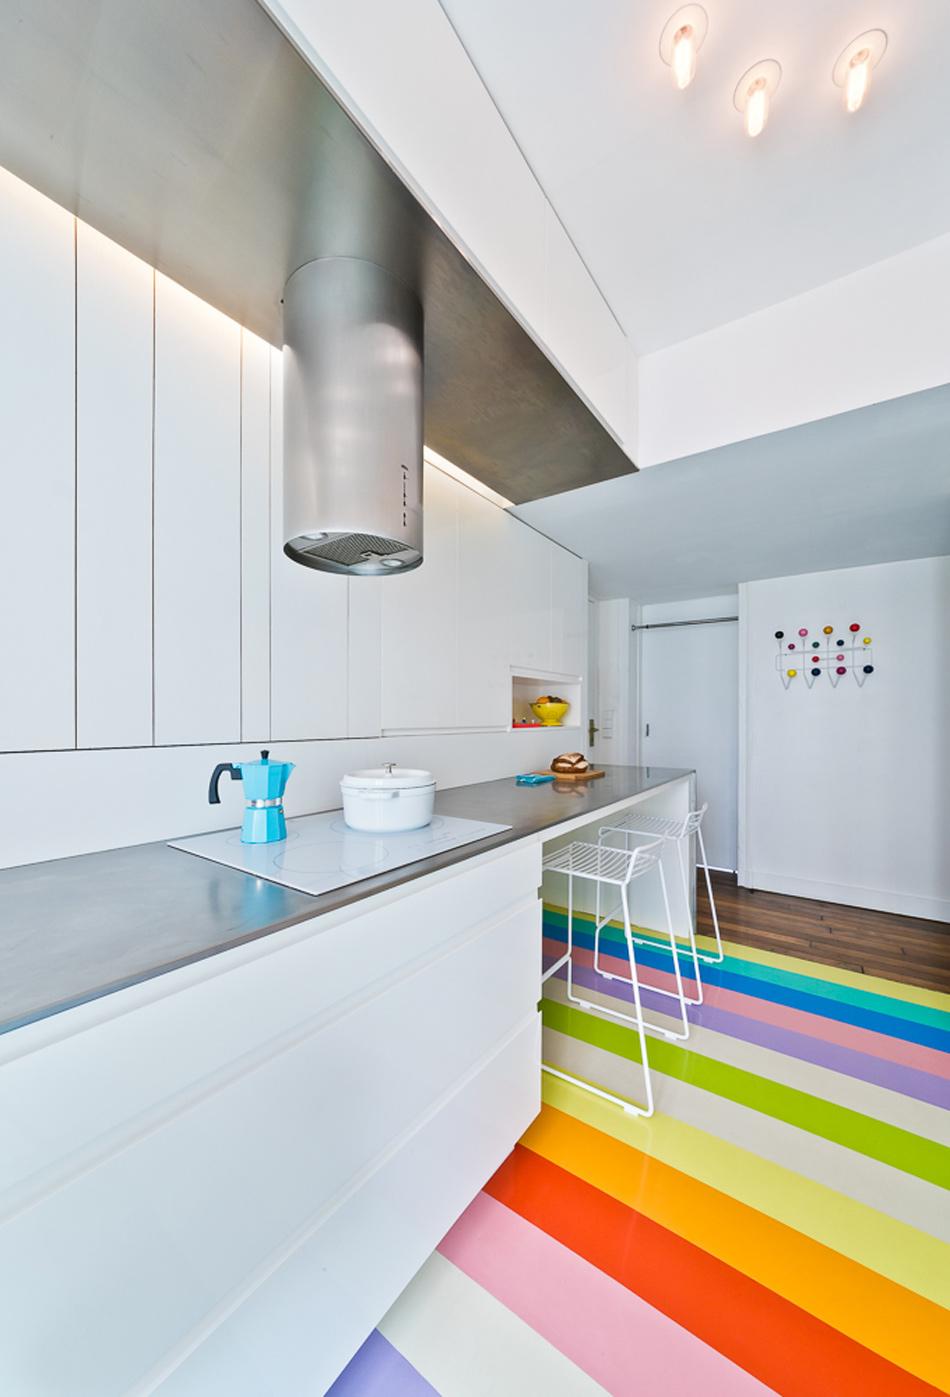 parisian apartment of a young fashion designer 14 Vertical Garden Grows In This Parisian Apartment Of A Young Fashion Designer